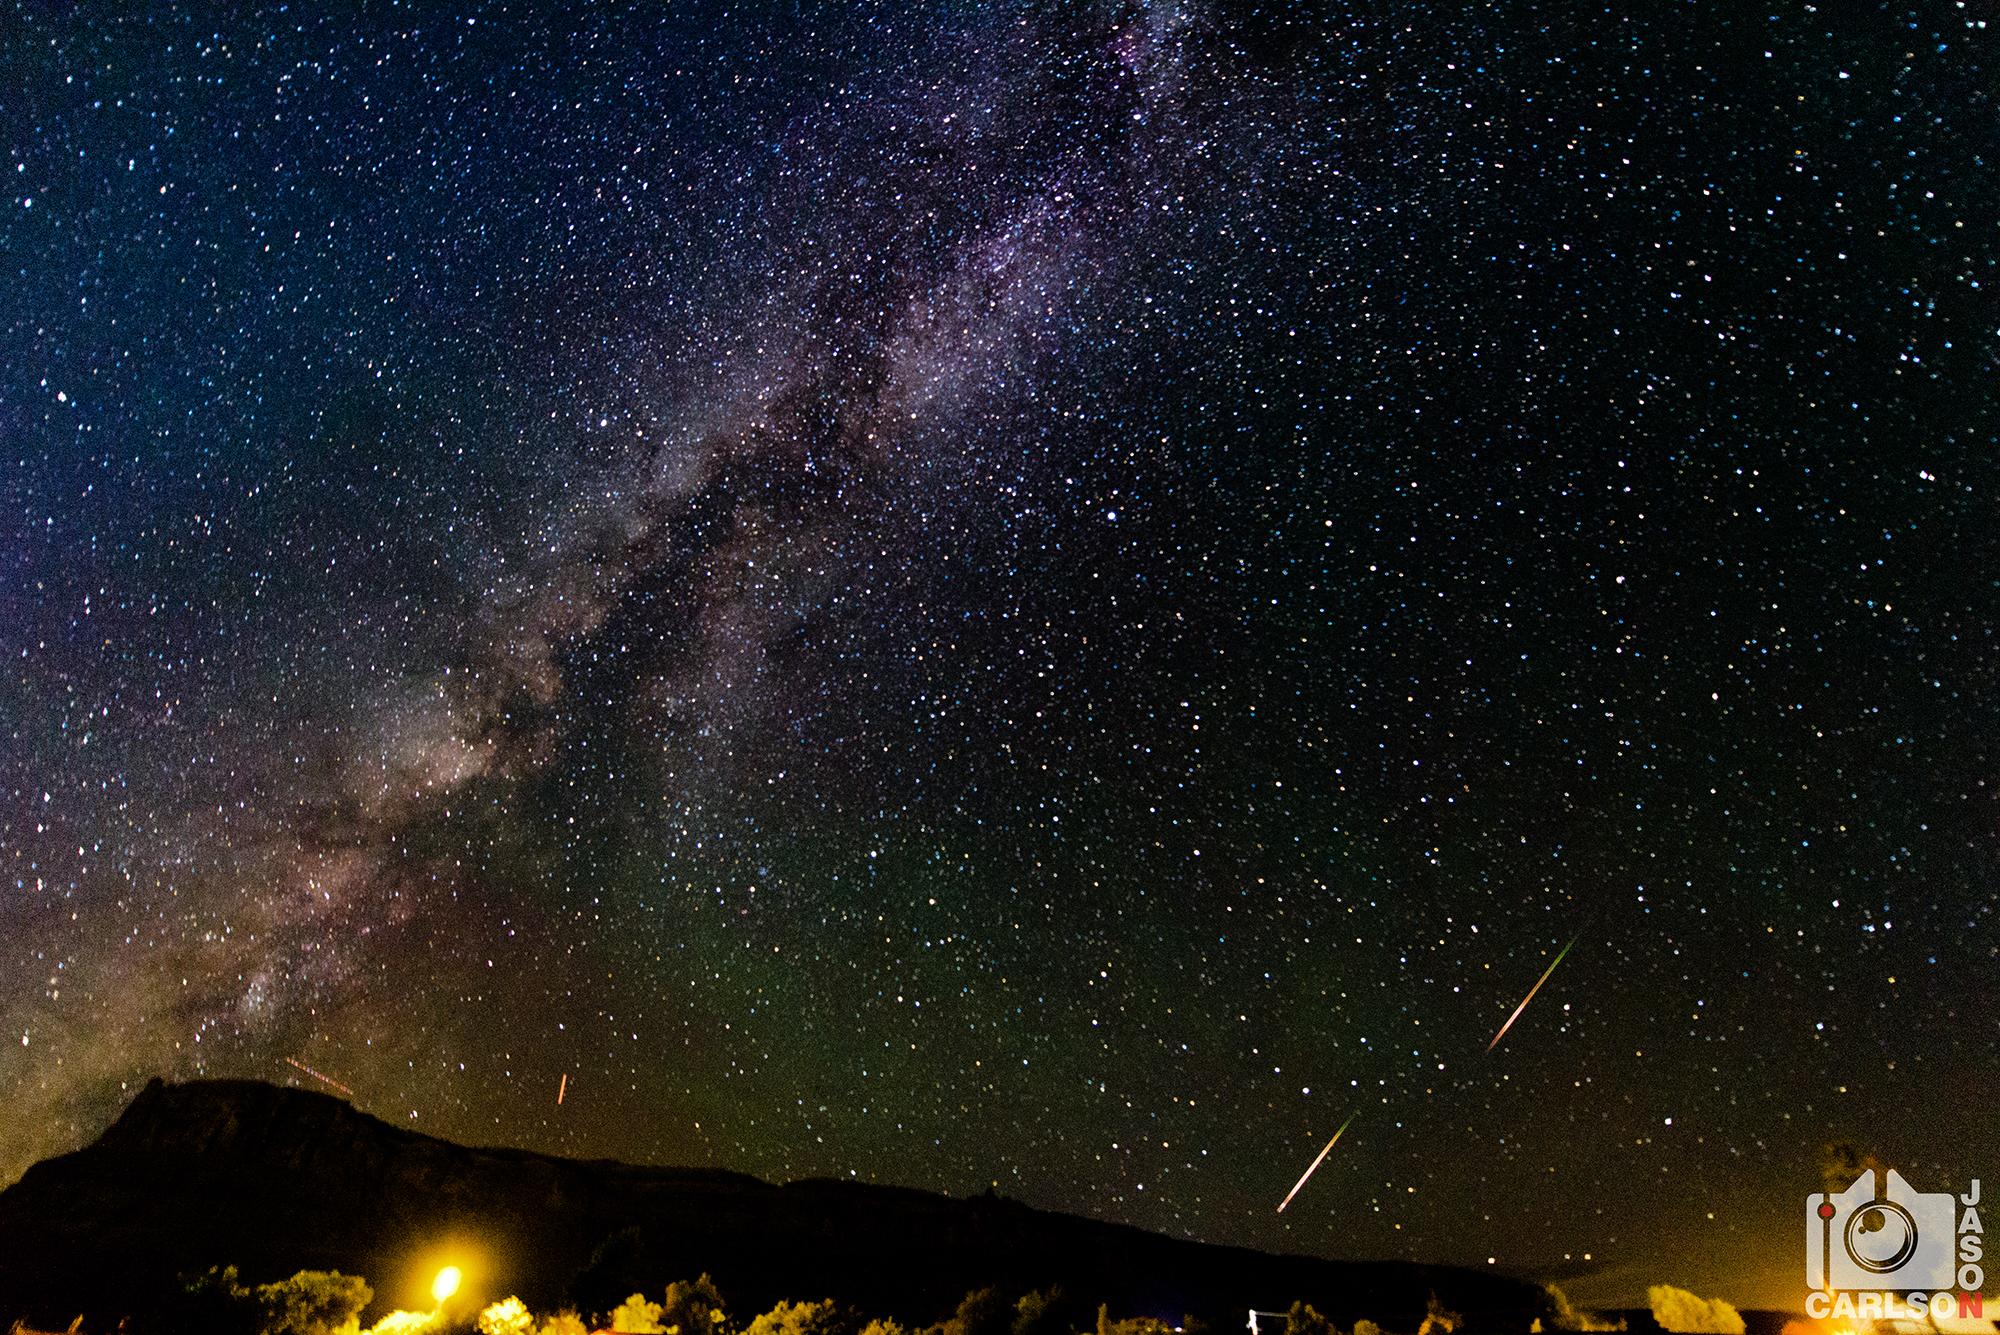 2015 Road Trip - Perseid Meteor Shower - Moab, Utah